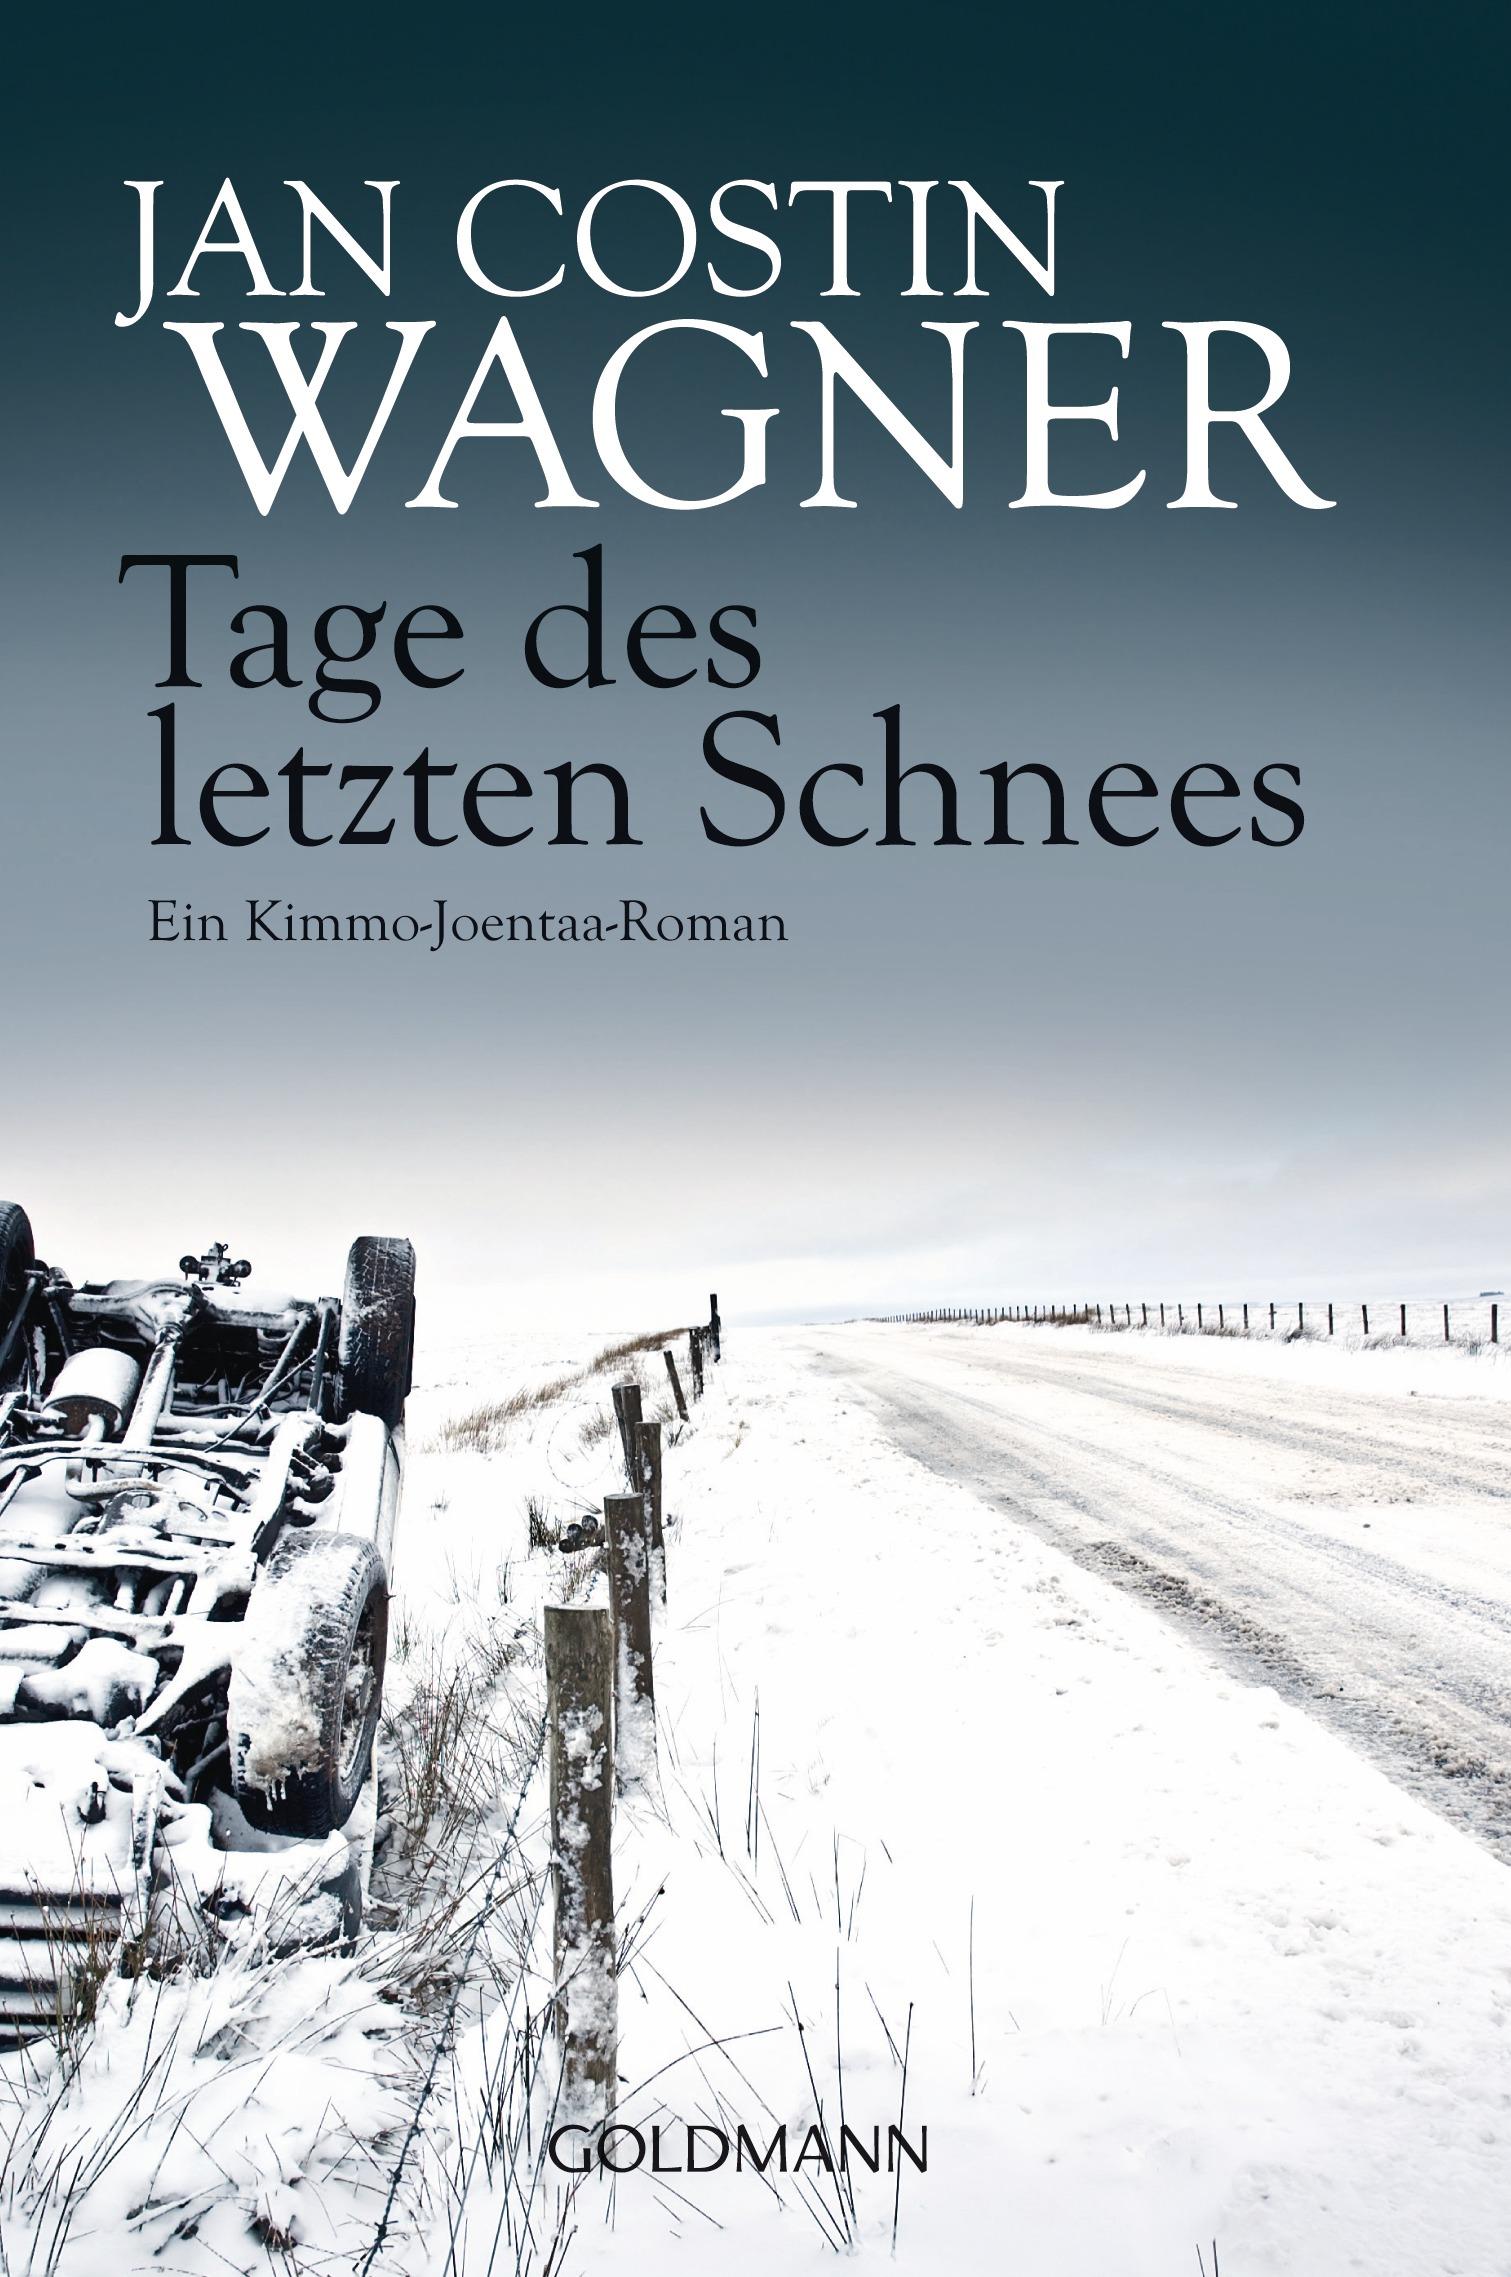 Tage des letzten Schnees - Jan Costin Wagner